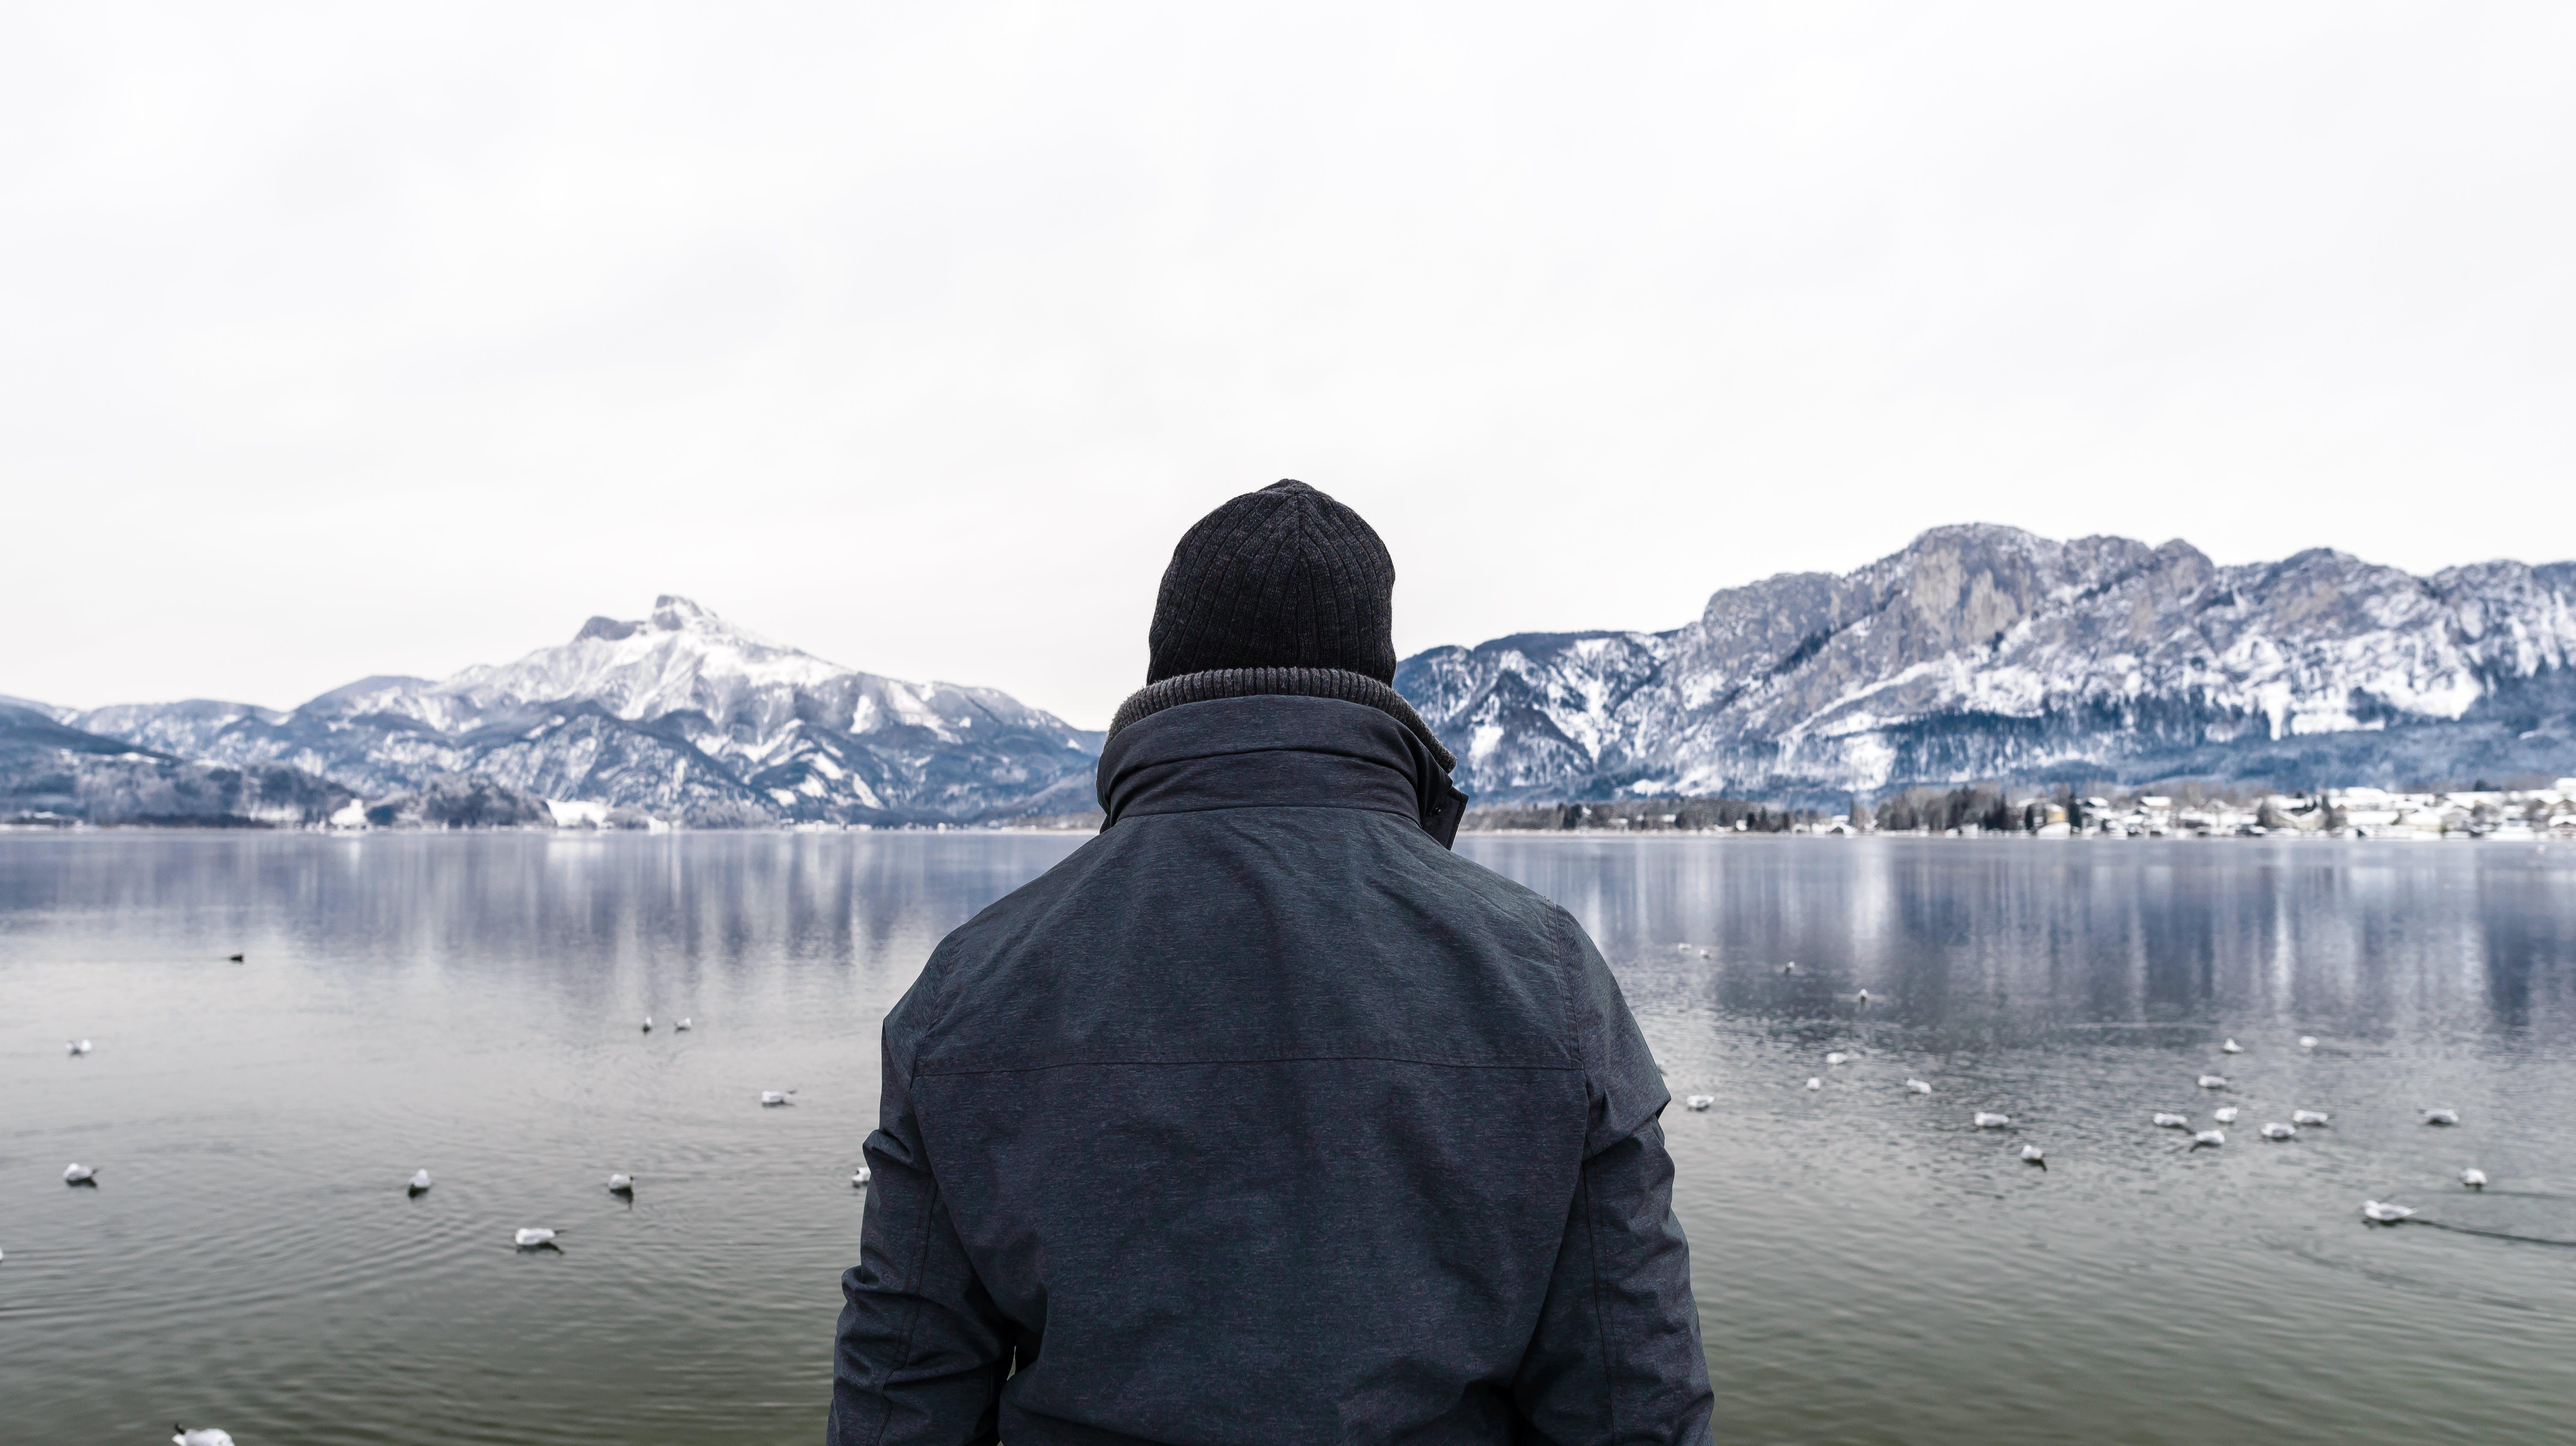 Kostenloses Stock Foto zu schnee, berge, natur, mann